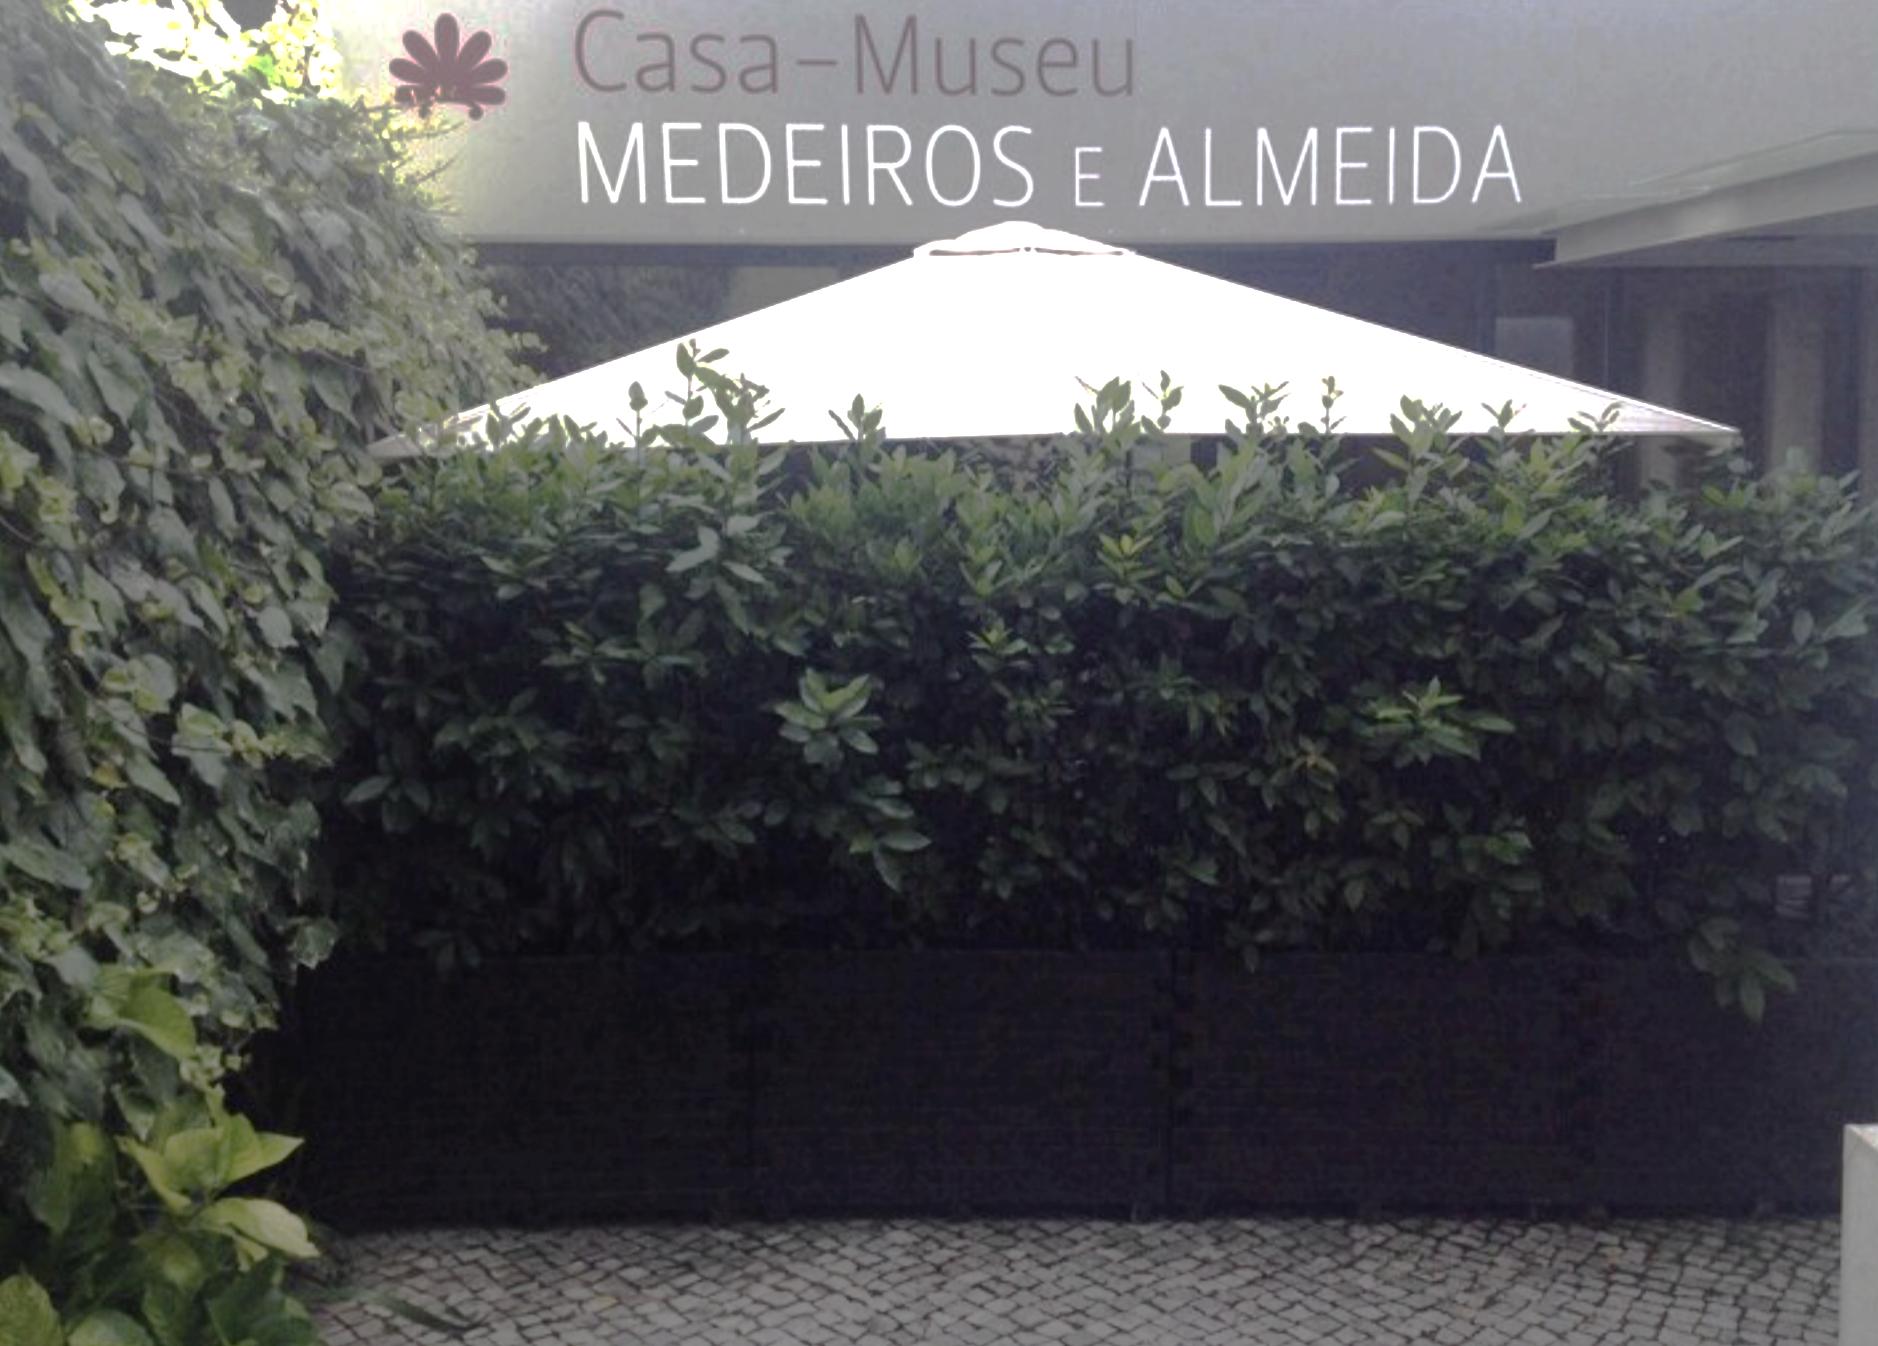 Casa-Museu Medeiros e Almei